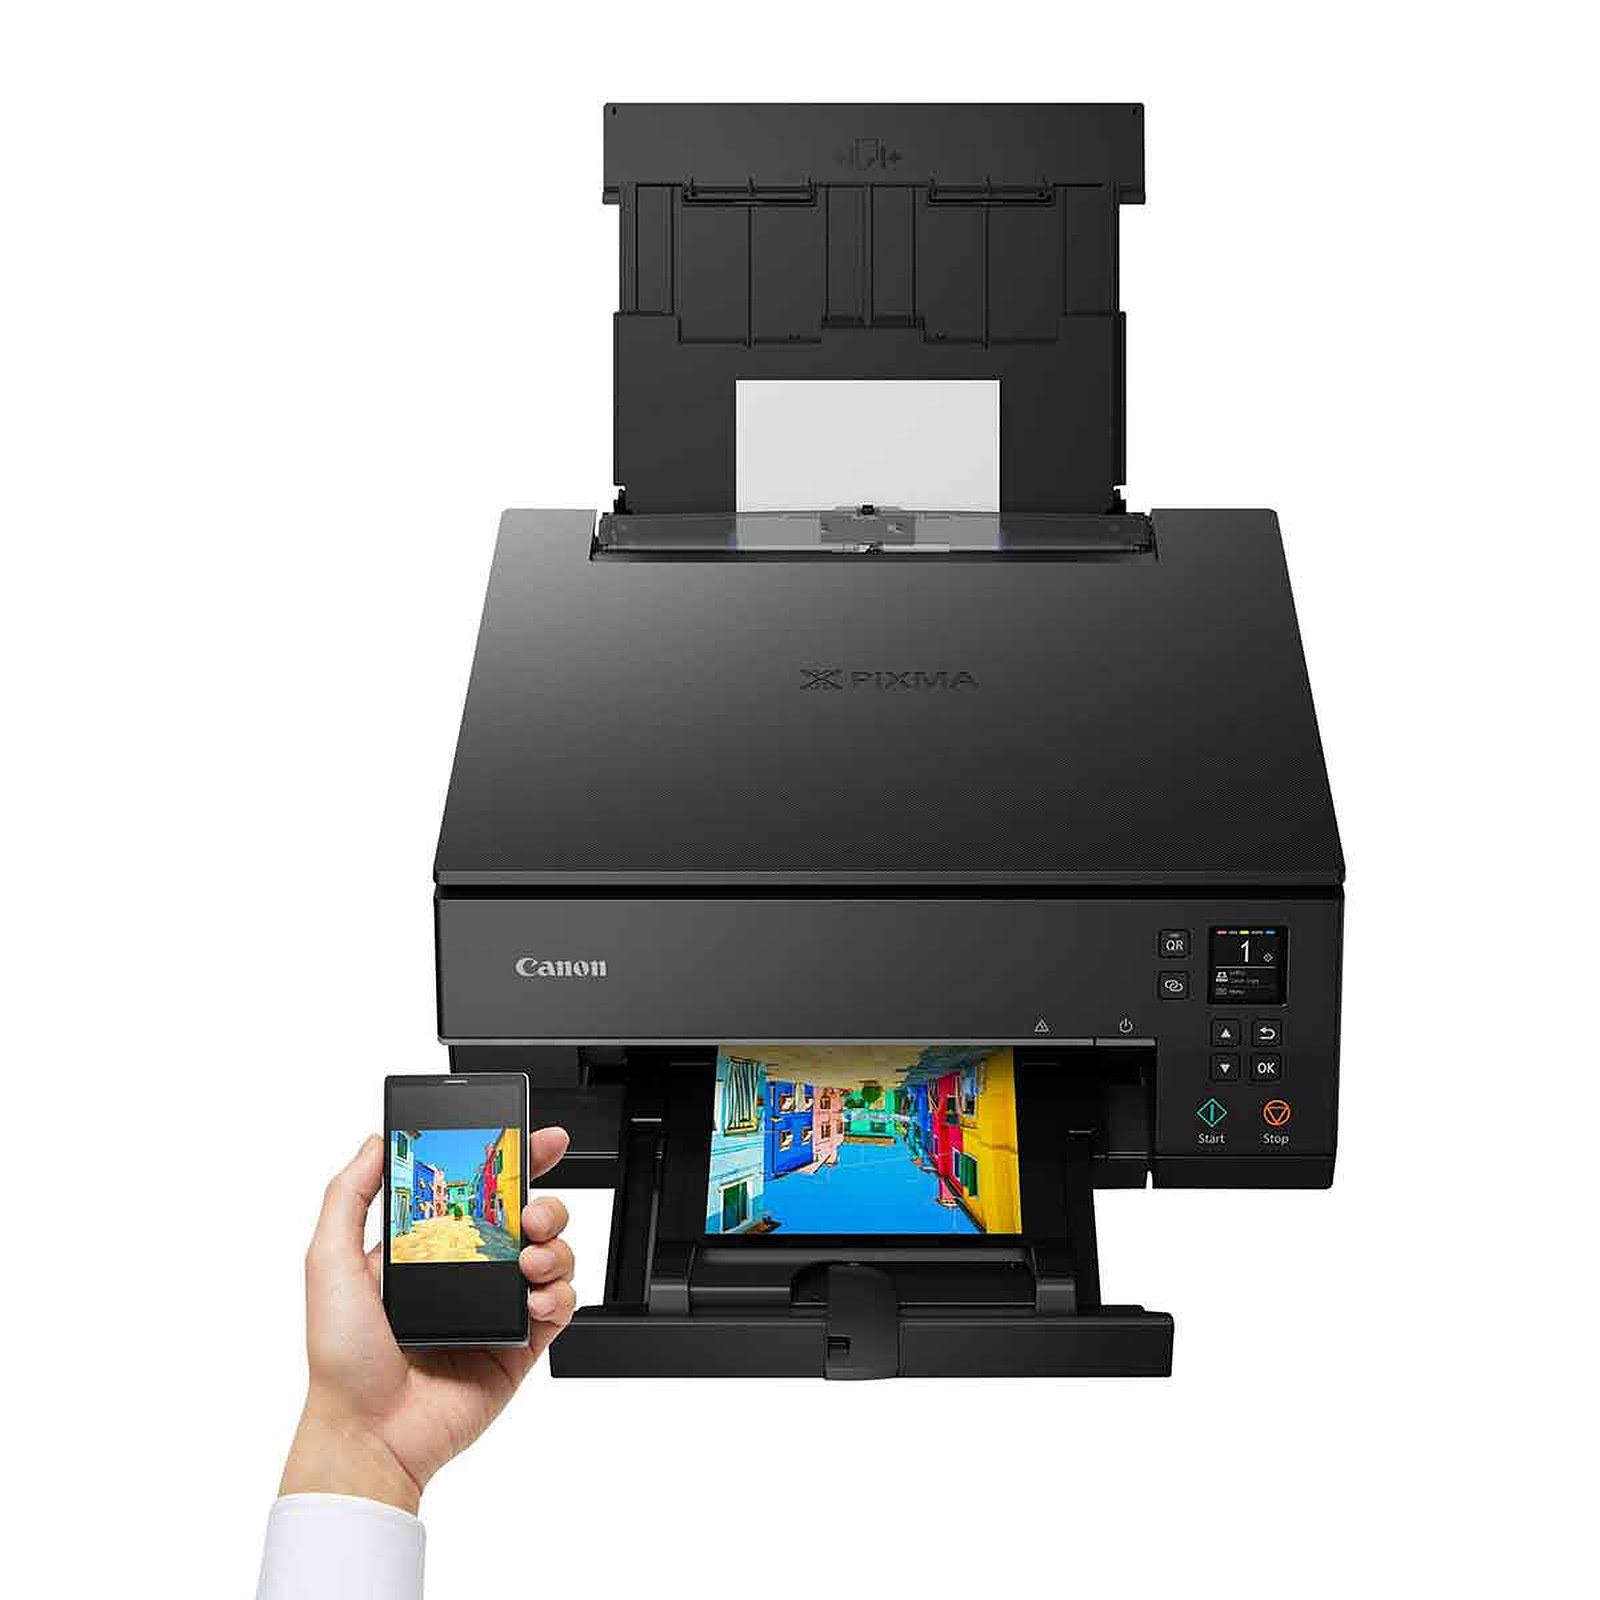 PIXMA TS6350 (3774C006) - Achat / Vente Imprimante multifonction sur Picata.fr - 1